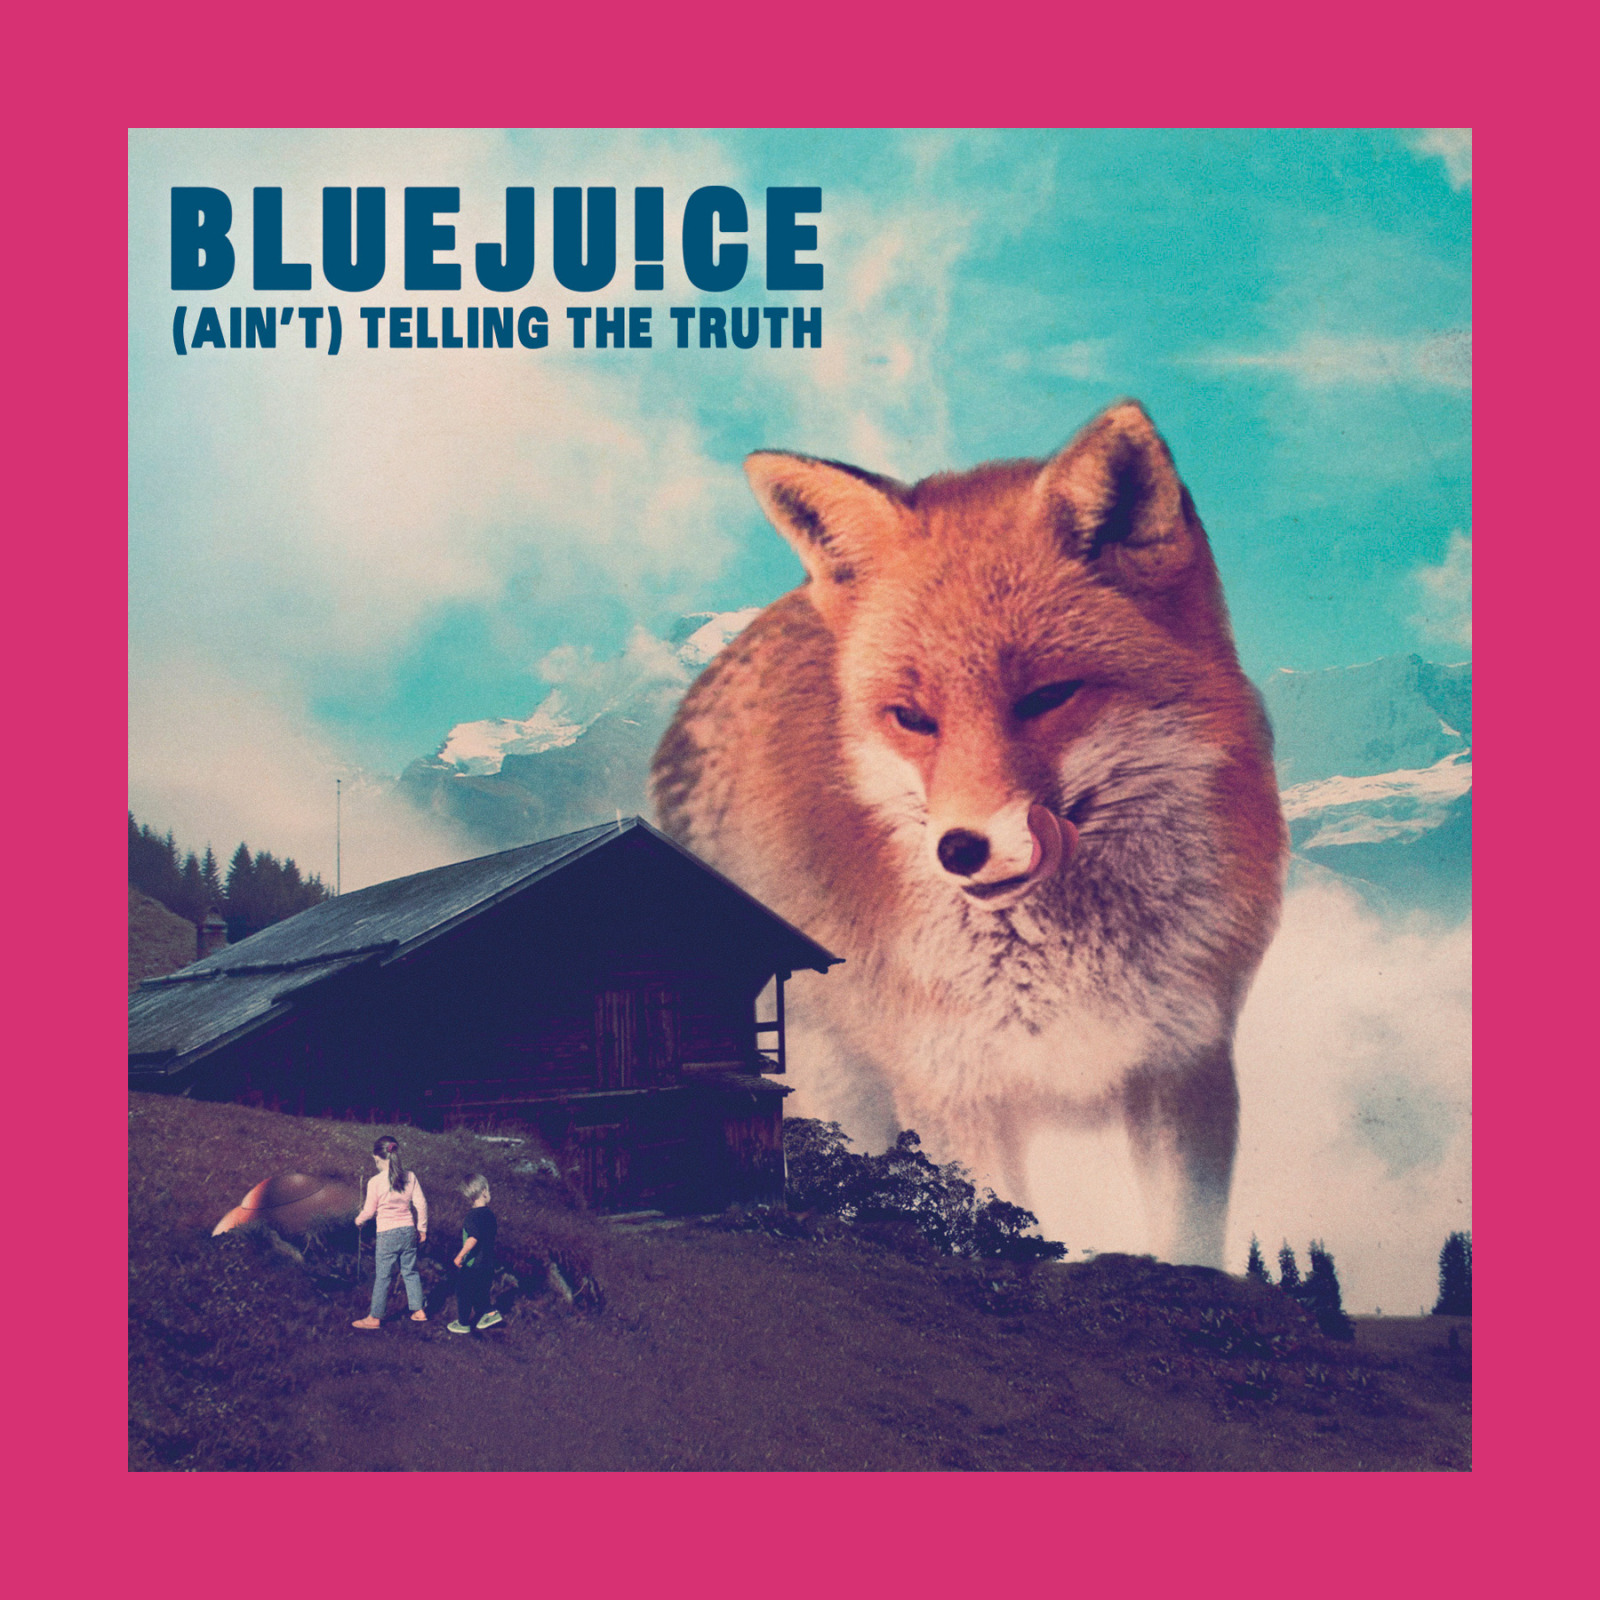 bluejuice_03